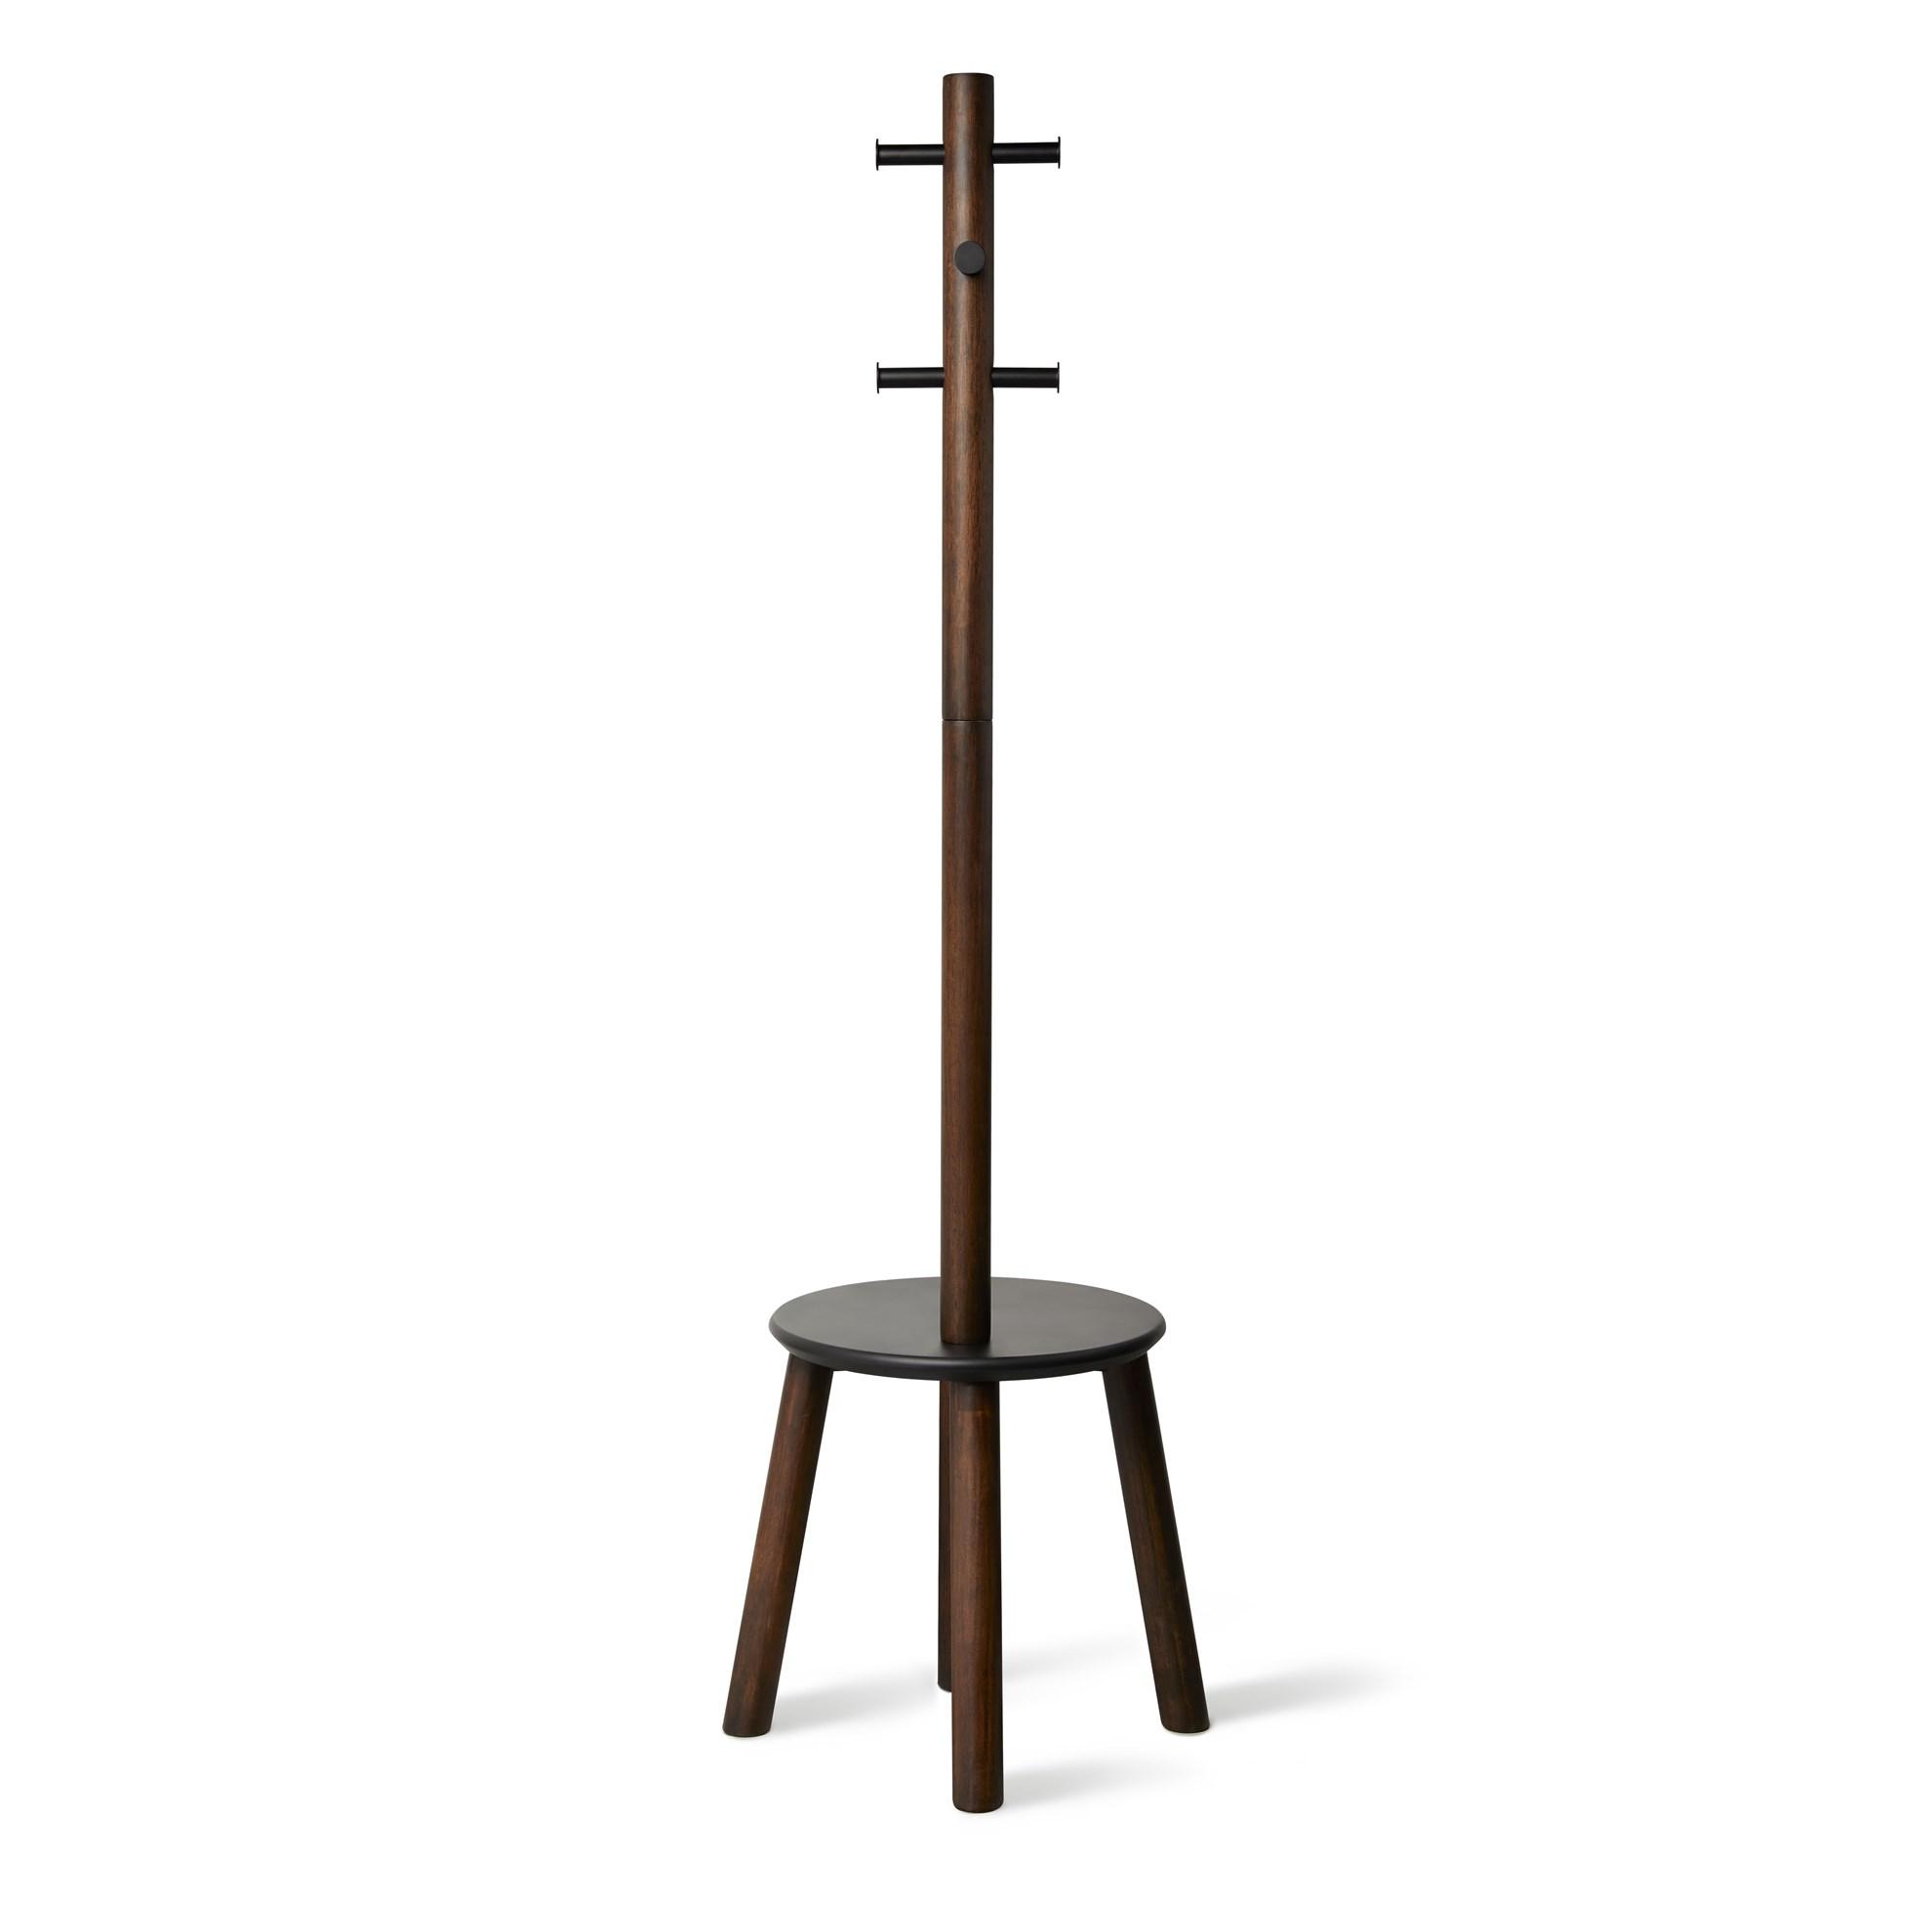 Věšák se stoličkou PILLAR 167x50 cm tm.hnědý_3